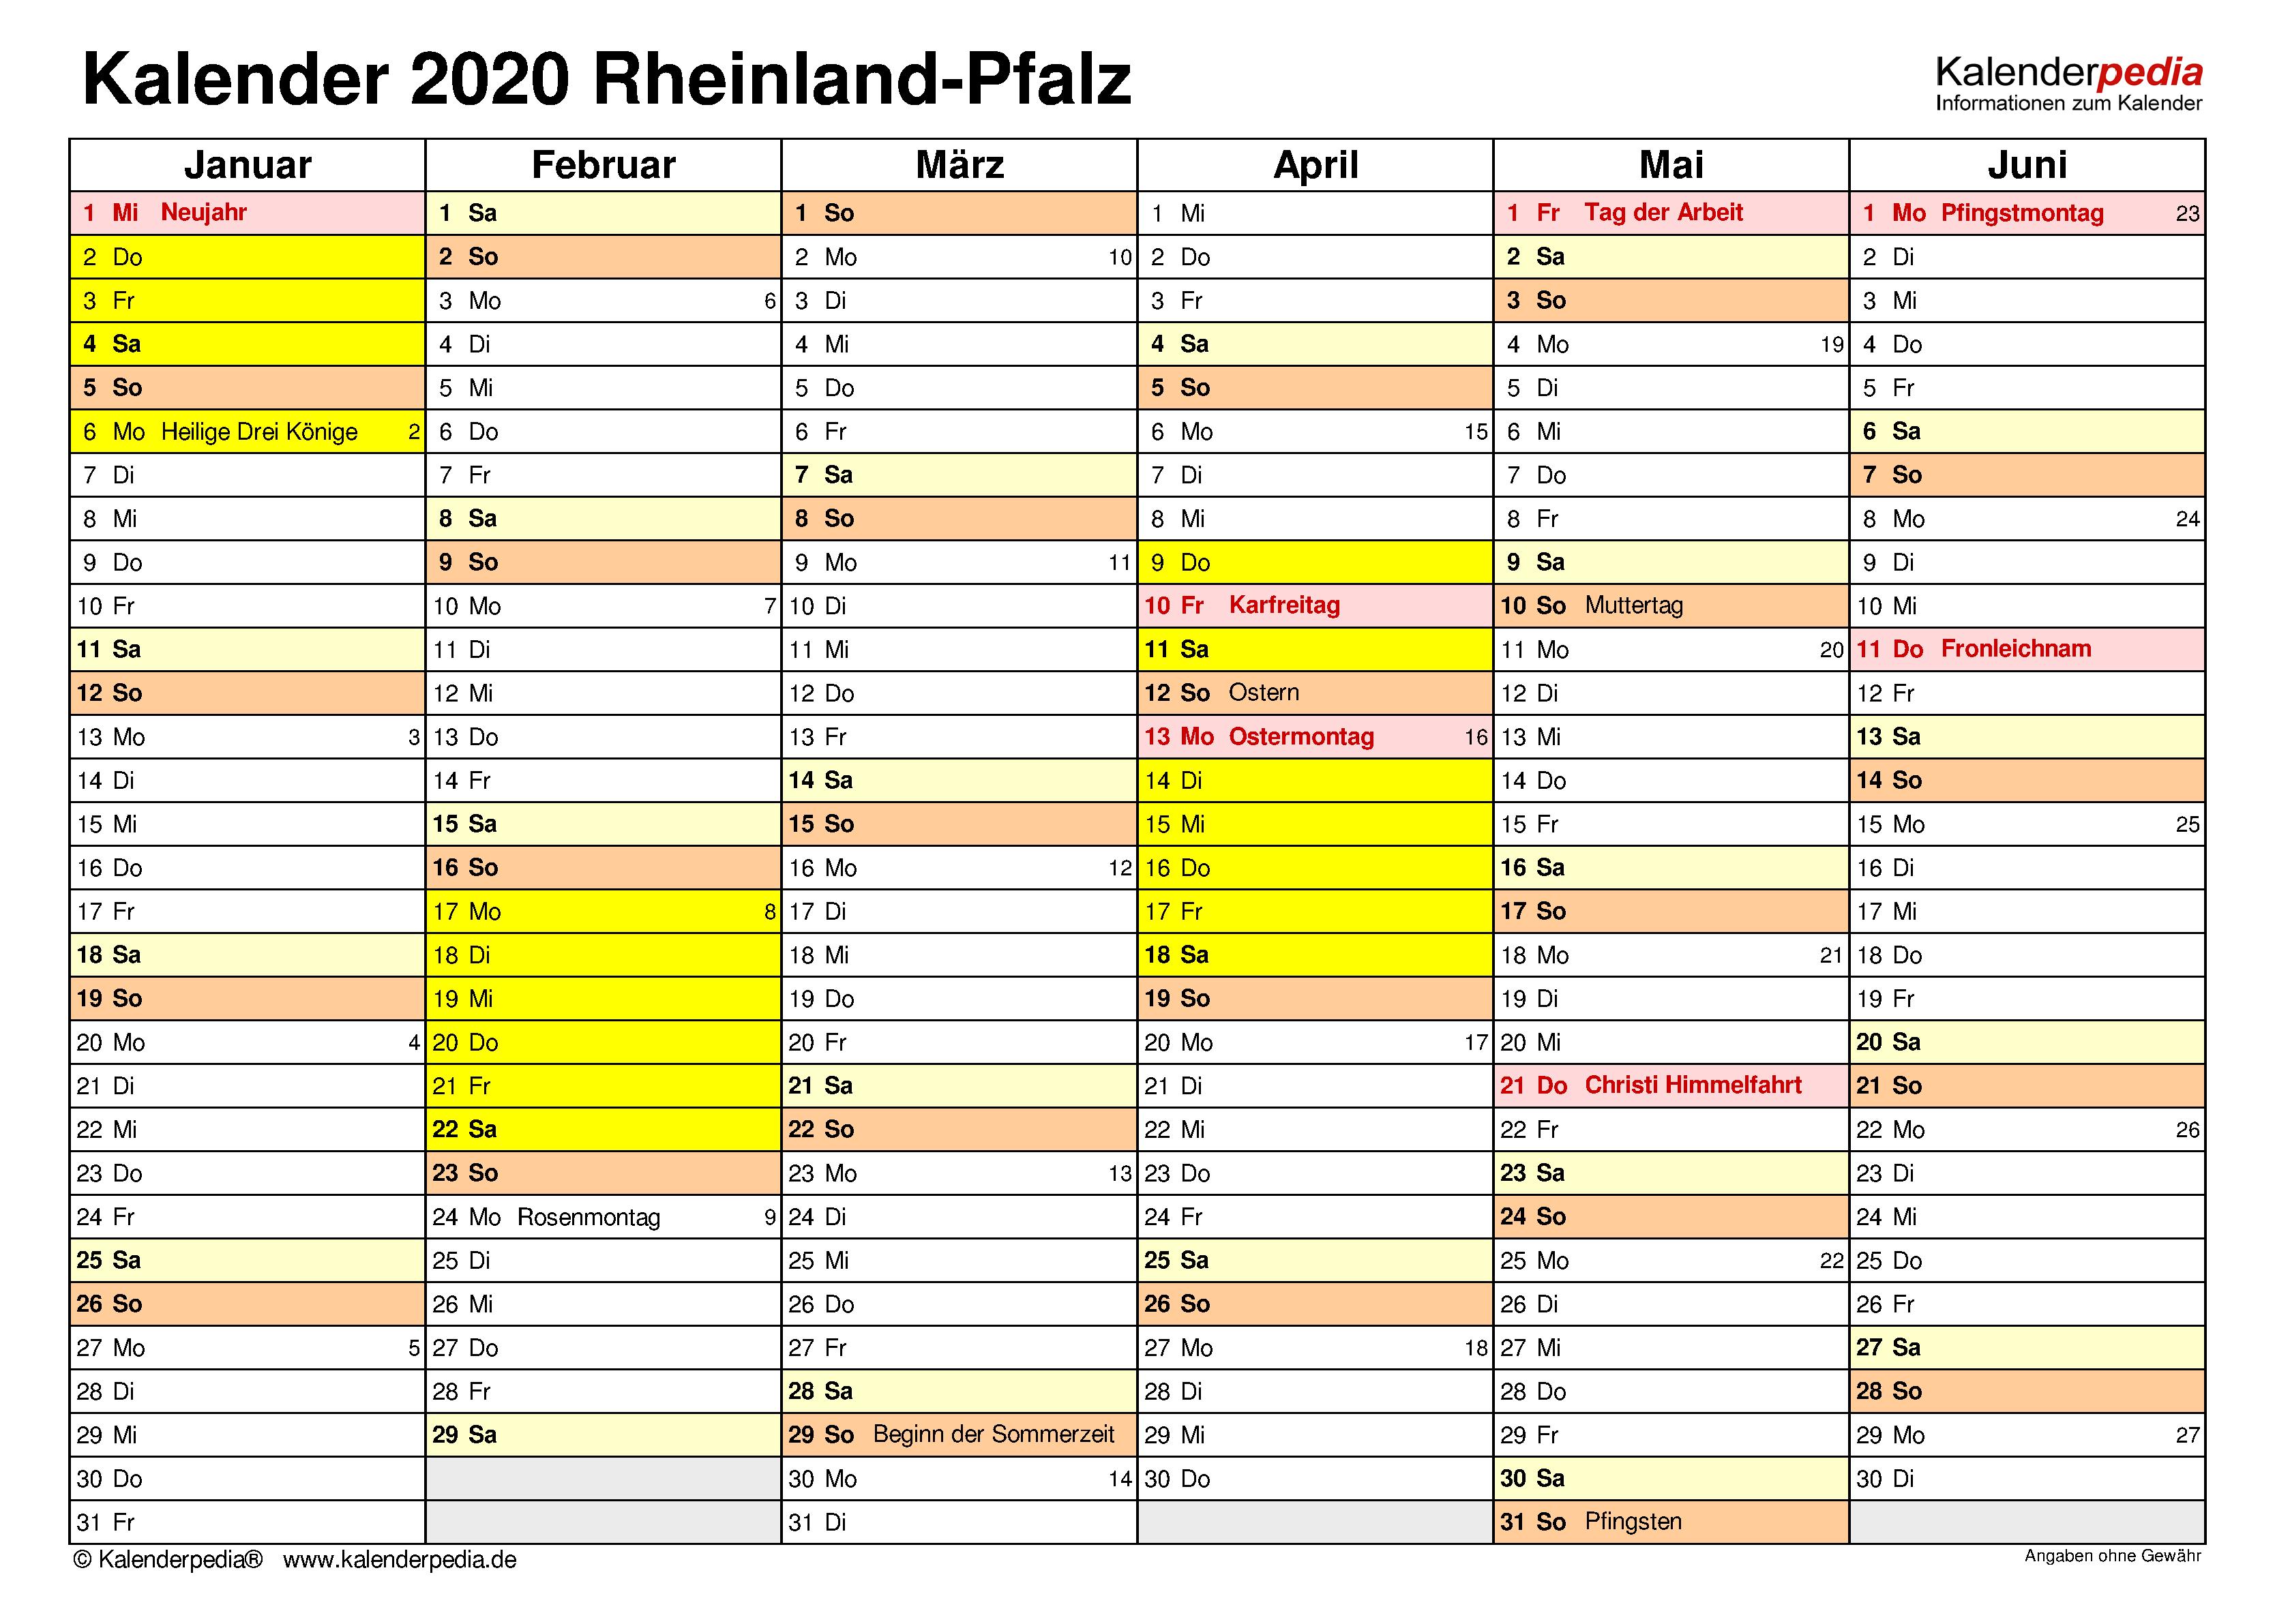 Winterferien 2020 rheinland pfalz | Kalender 2020/2021 ...